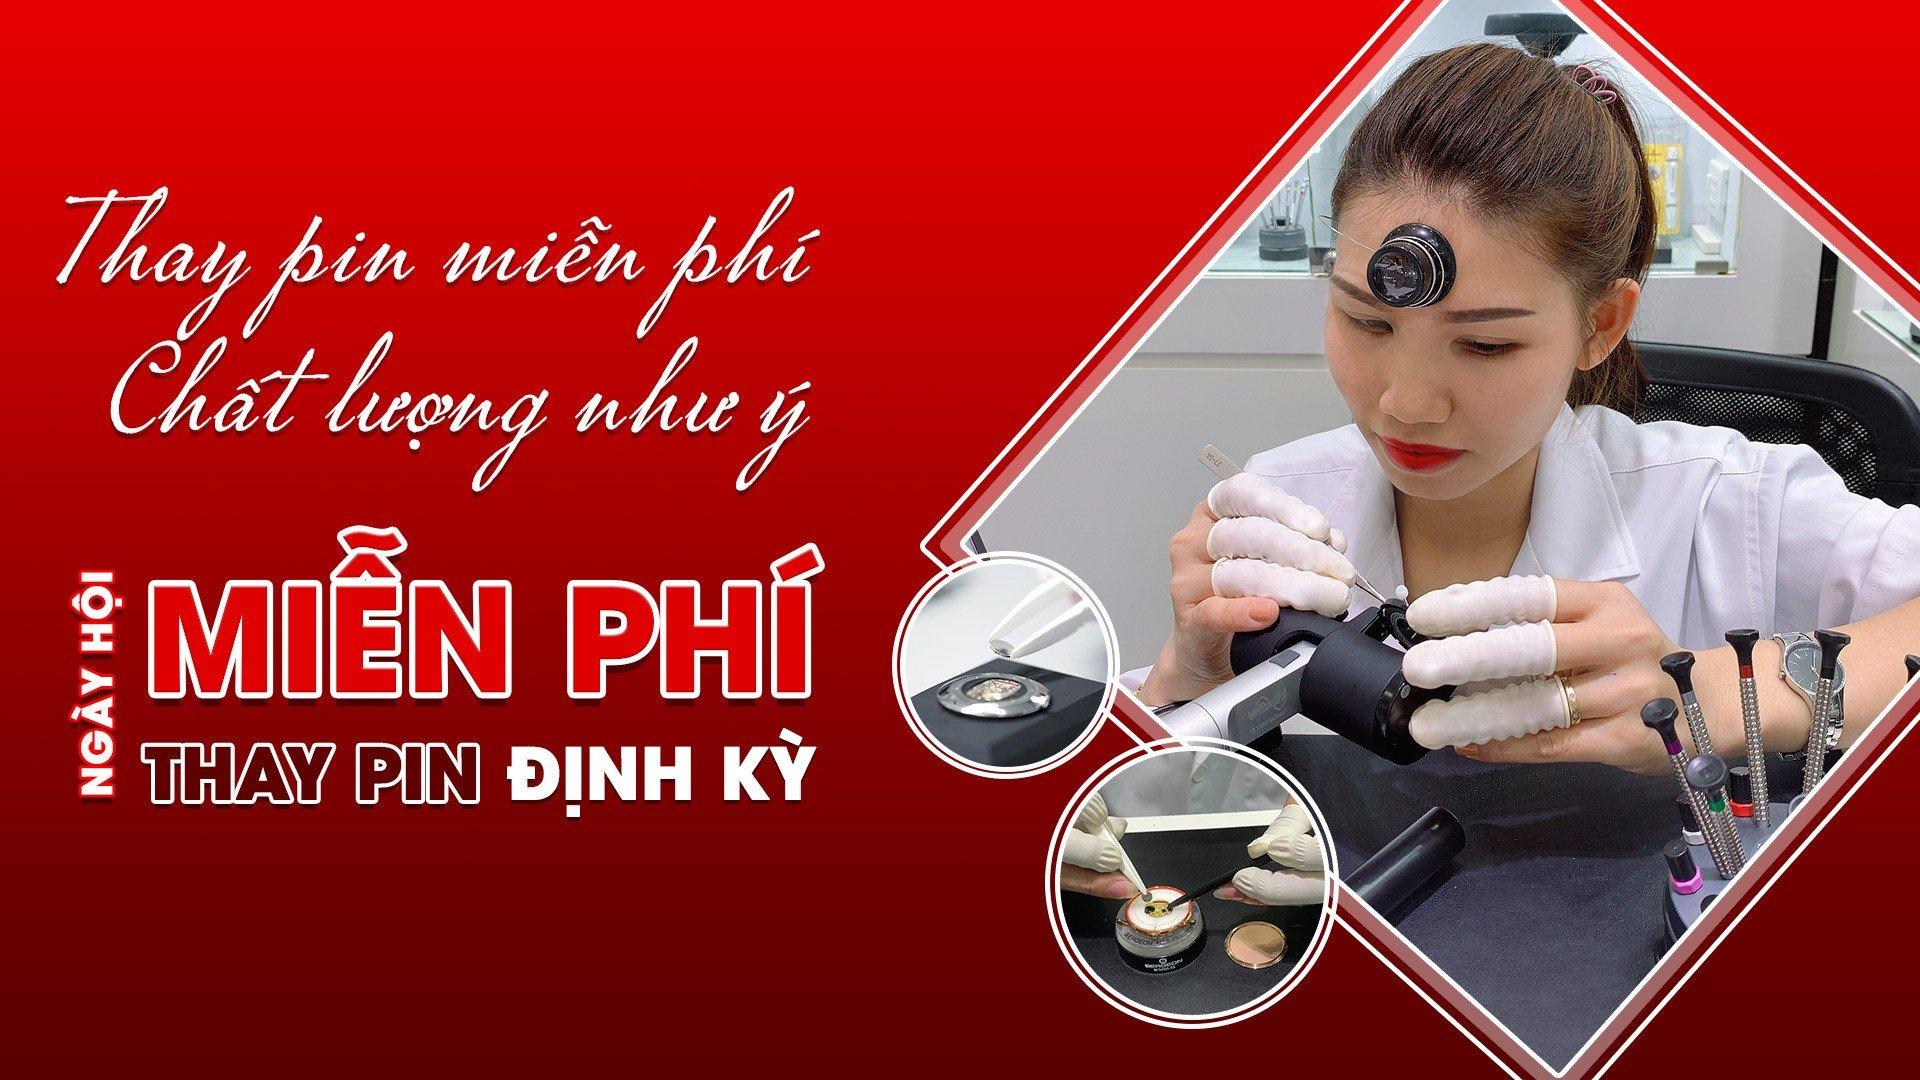 Ngày hội miễn phí Thay PIN